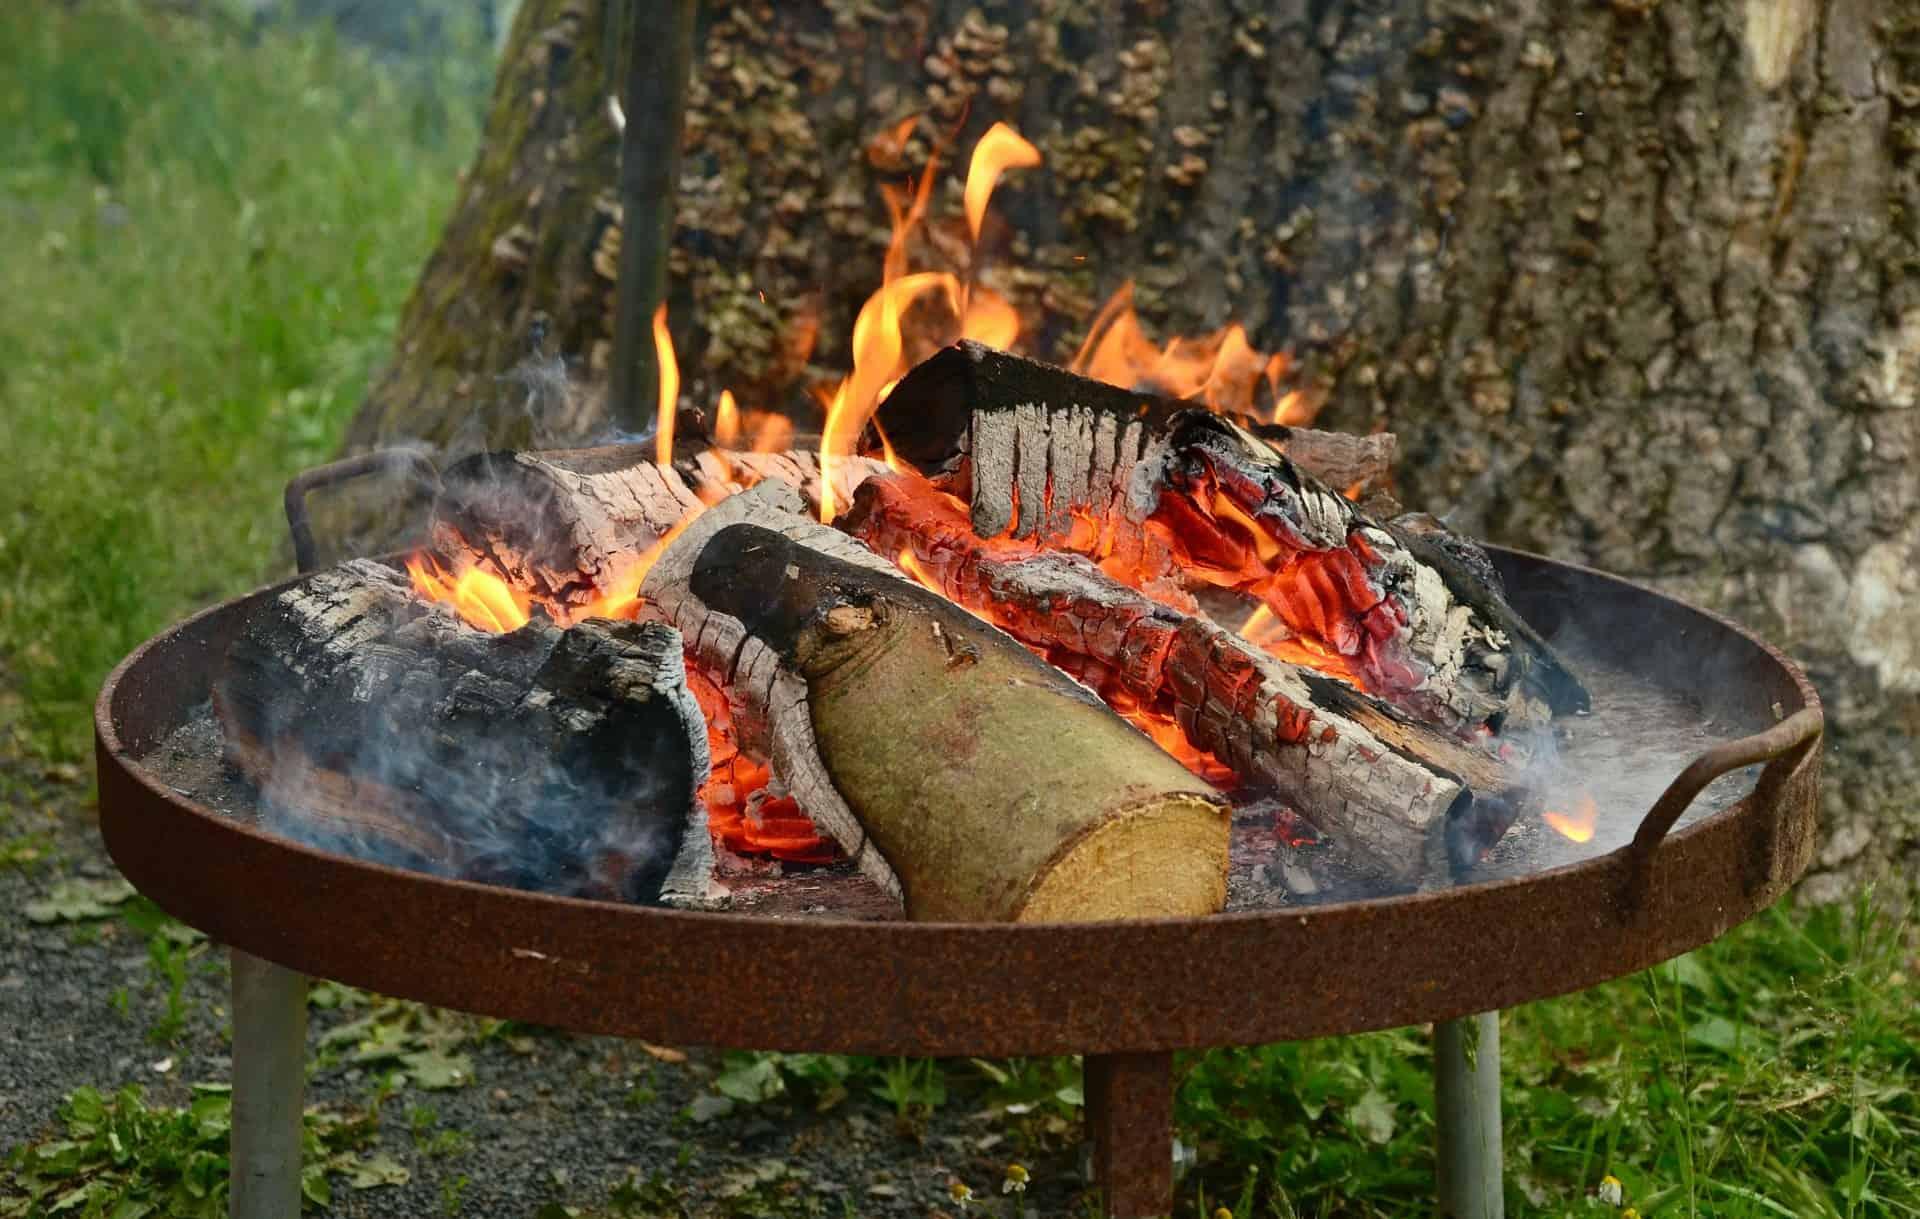 Feuerschale | Foto: Pixabay/congerdesign